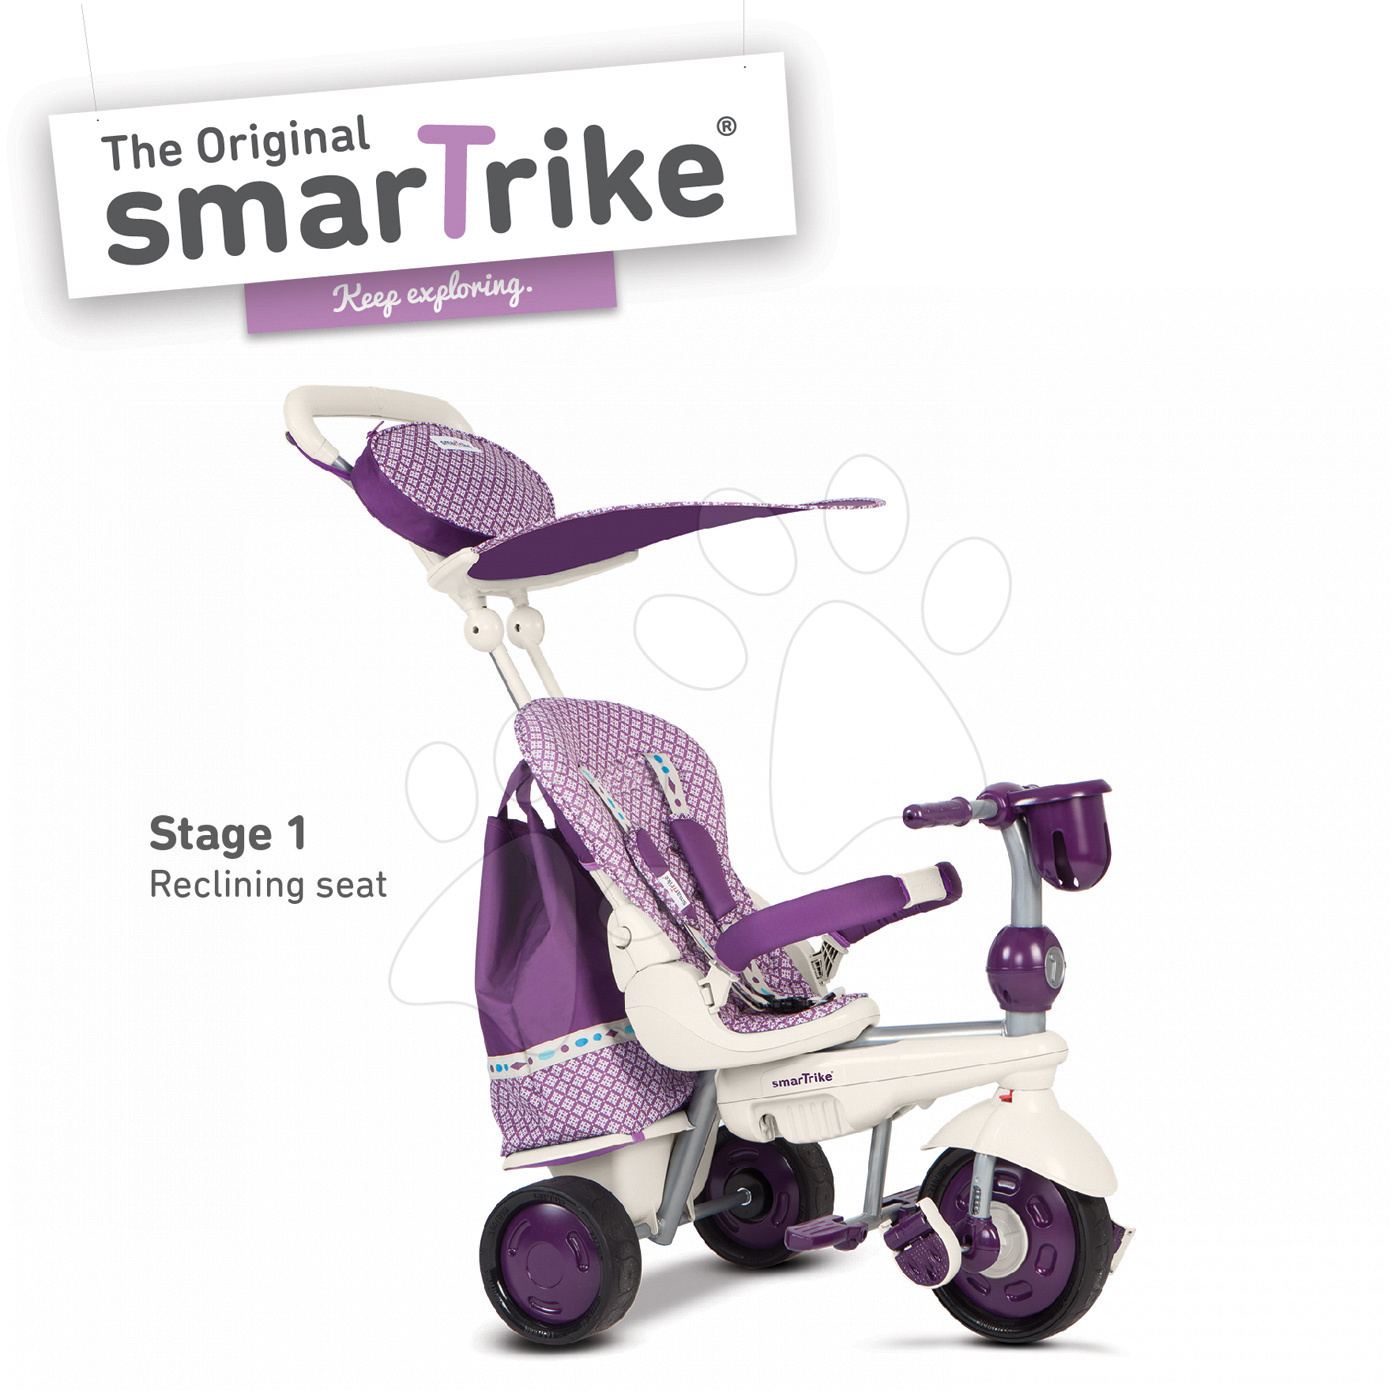 Tříkolka Splash 5v1 Purple&White smarTrike 360° řízení s polohovatelnou opěrkou fialovo-krémová od 10 měsíců